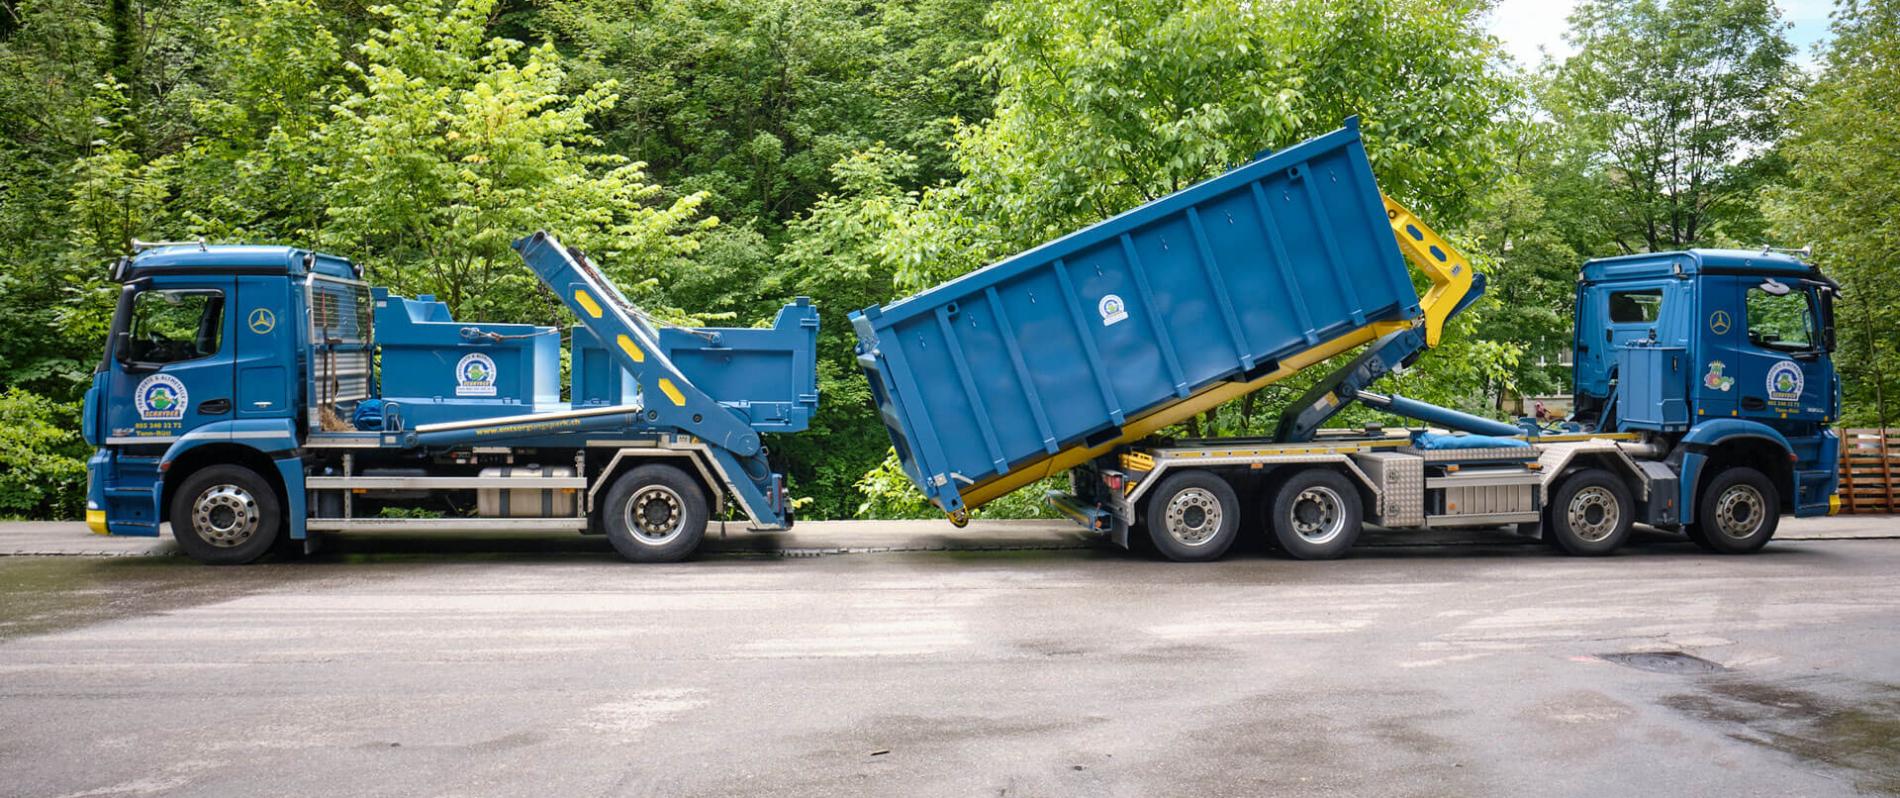 Ein blauer Lastwagen mit Absetzkipper-Aufbau und ein blauer Lastwagen mit Abrollkipper-Aufbau stehen sich auf einem Teerplatz vor Waldrand gegenüber.